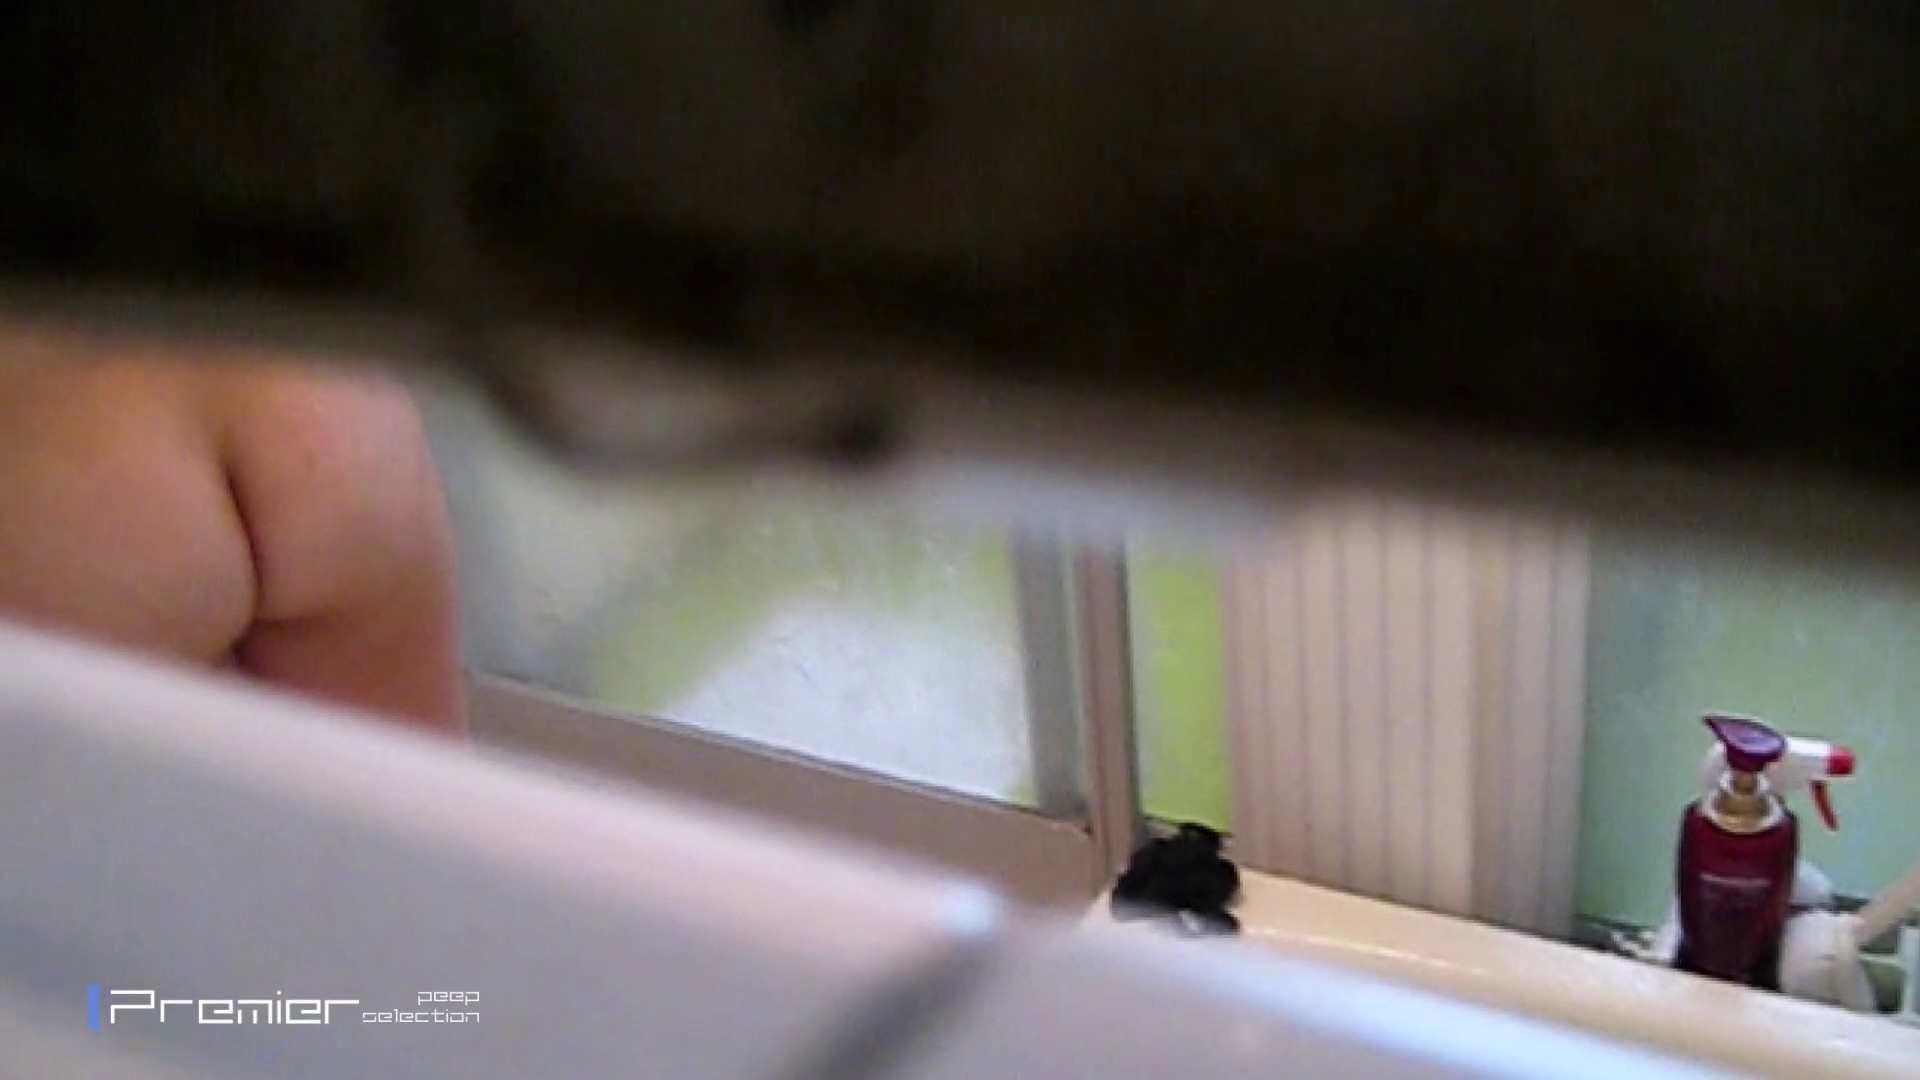 水も滴る美女入浴盗撮 乙女の風呂場 Vol.18 美肌 エロ画像 92画像 4